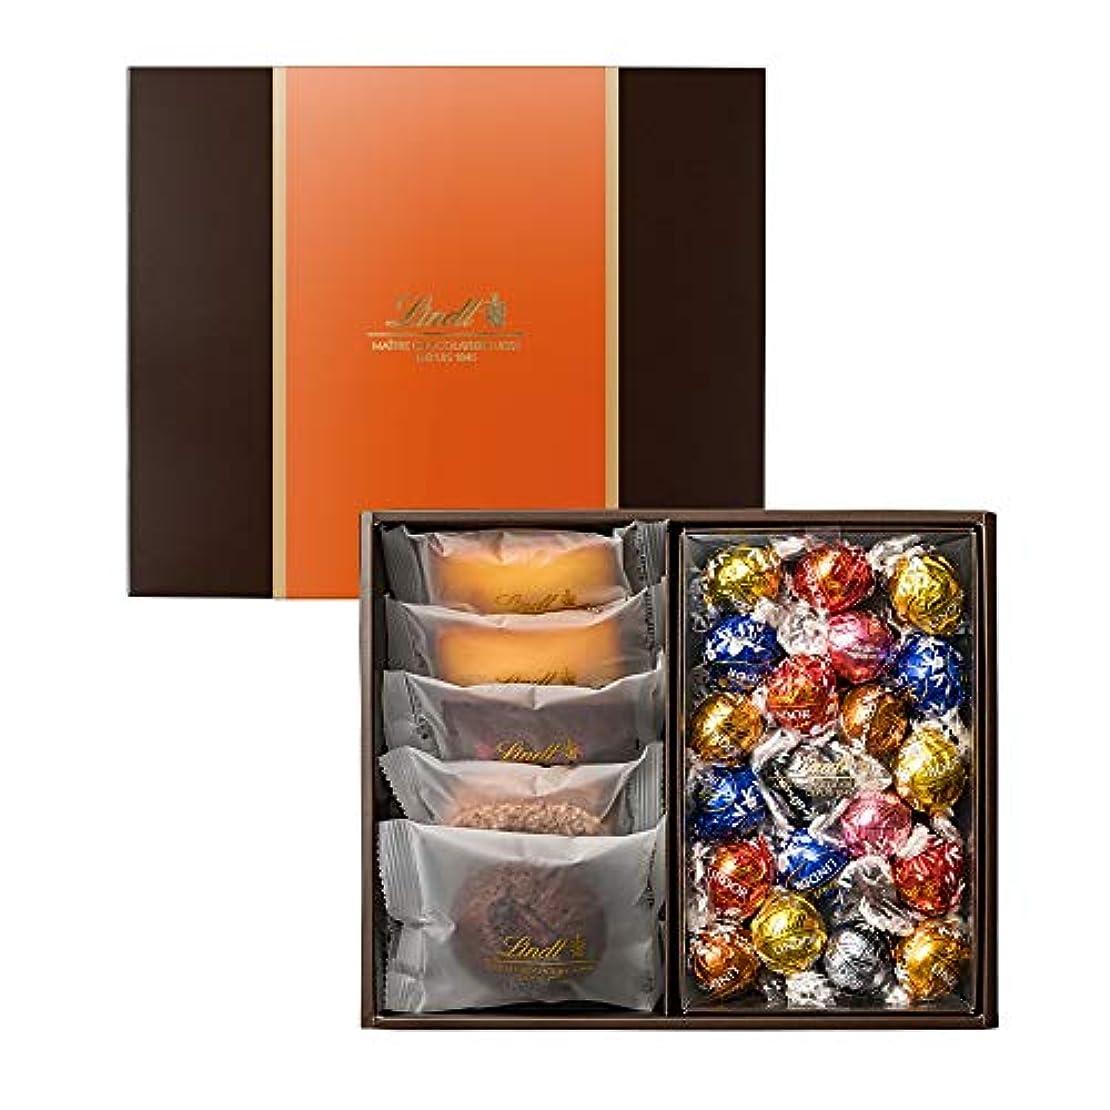 もろい放置どれかリンツ (Lindt) チョコレート 焼き菓子ギフト [ 焼き菓子 5個 リンドール 20個 ] 個包装 ショッピングバッグM付